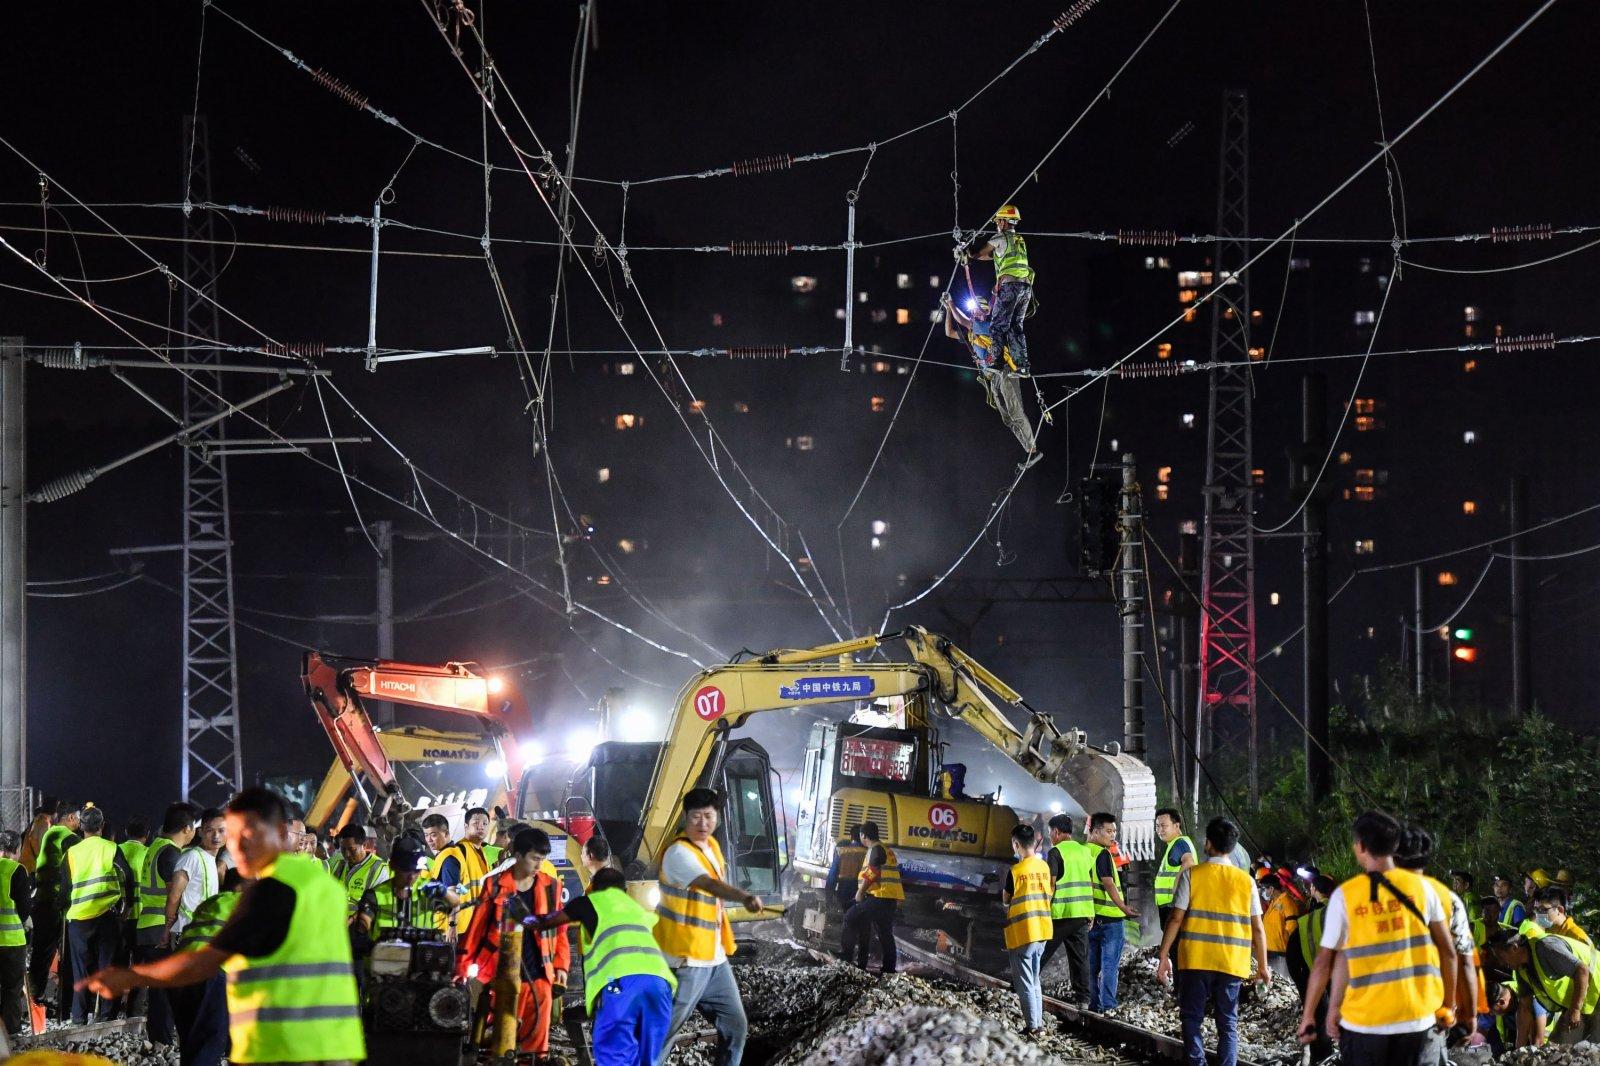 9月25日,千餘名施工人員和50多台機械設備在東莞塘廈贛深高鐵撥接廣深鐵路現場施工。(新華社)